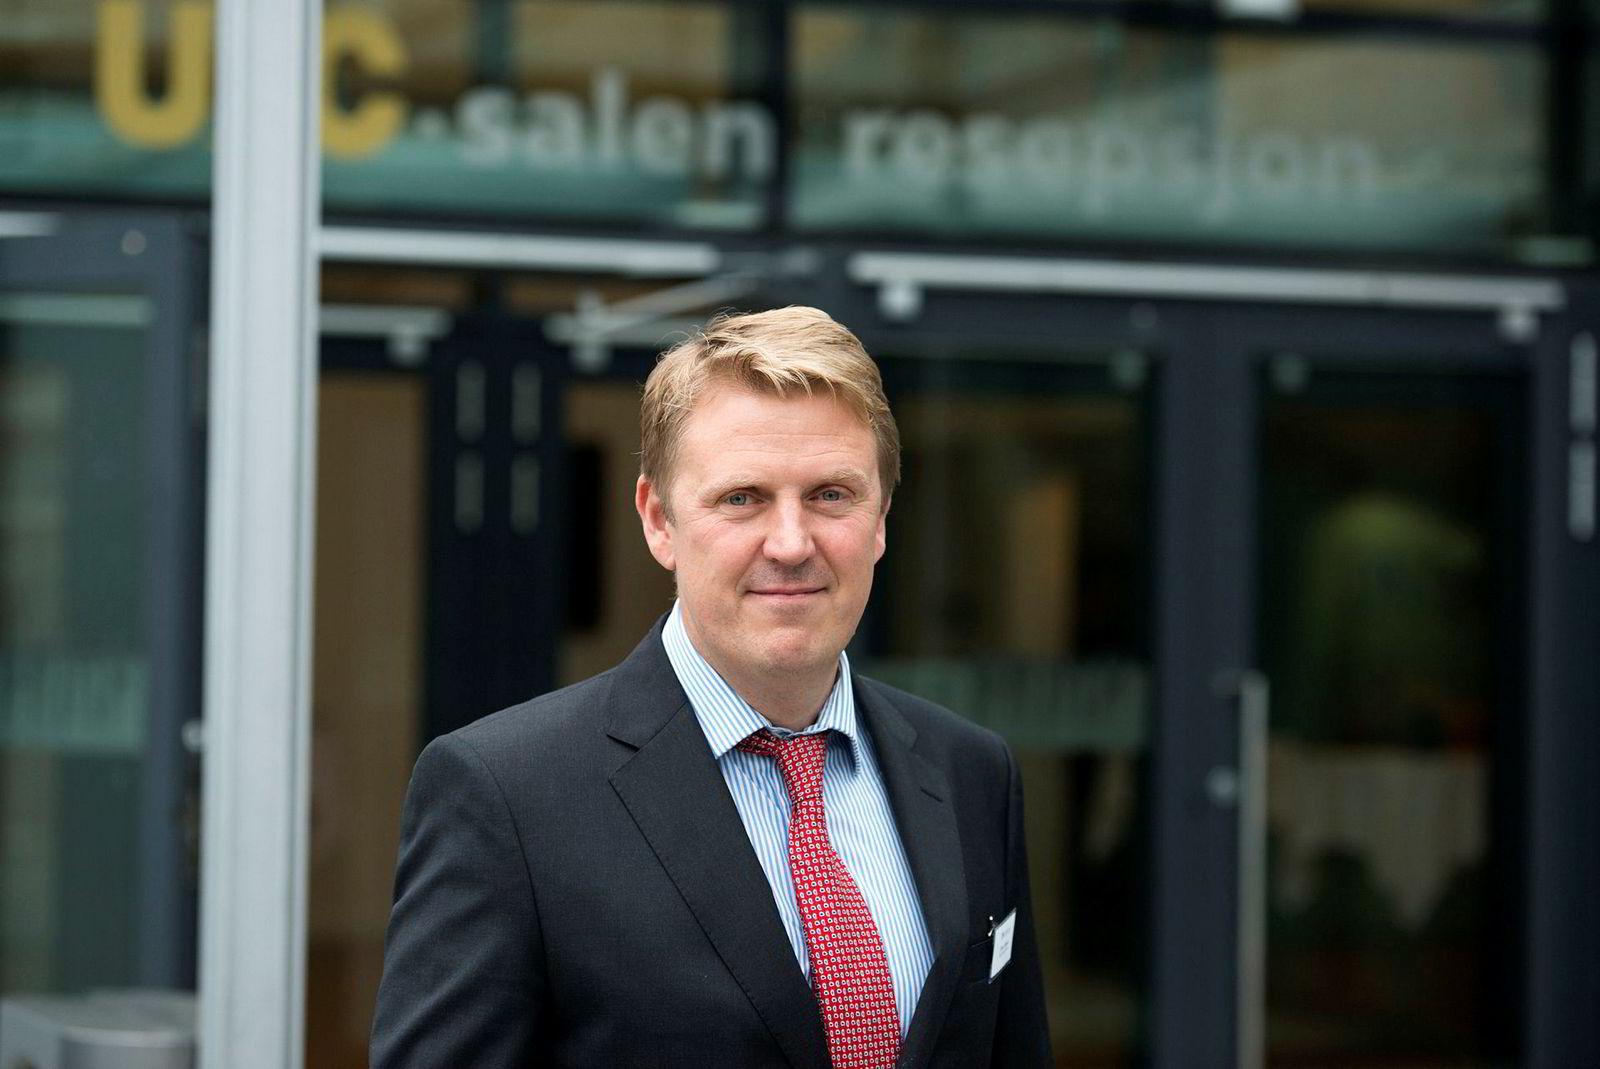 John Olaisen, oljeanalytiker i meglerhuset ABG Sundal Collier